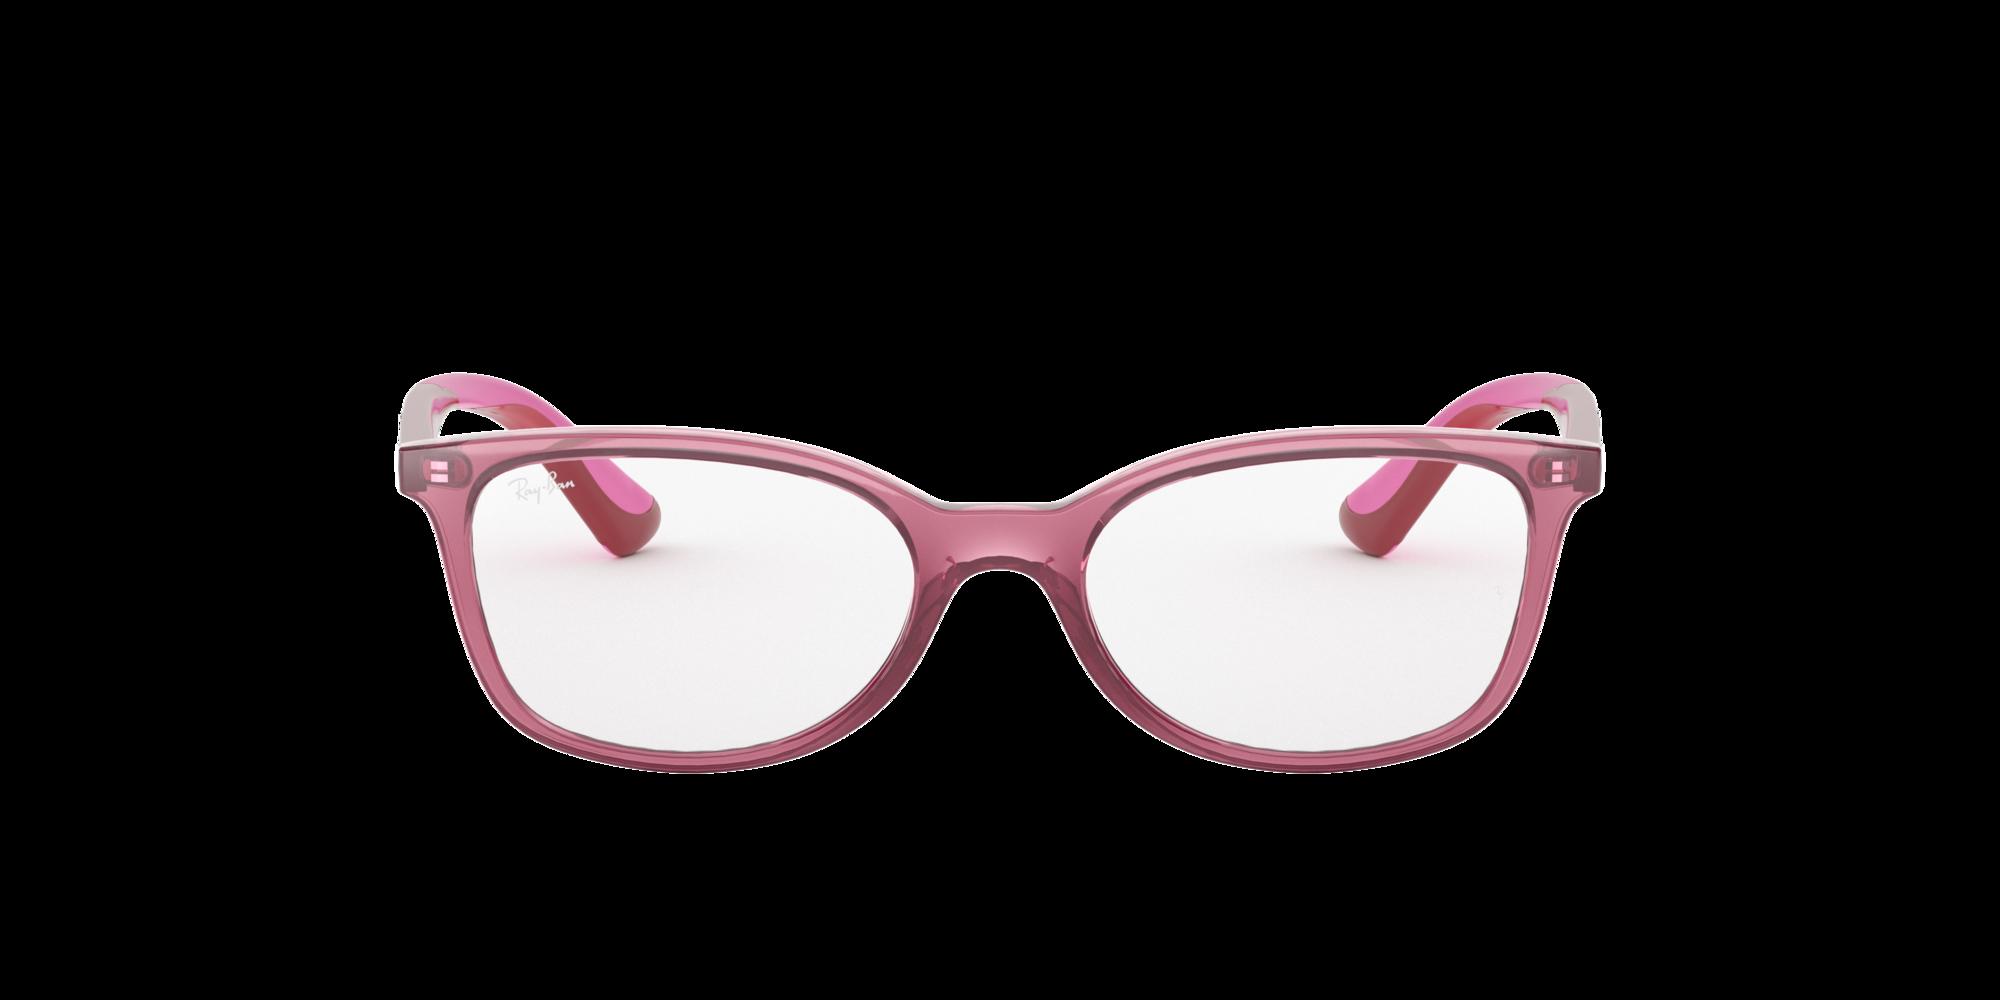 Imagen para RY1586 de LensCrafters |  Espejuelos, espejuelos graduados en línea, gafas